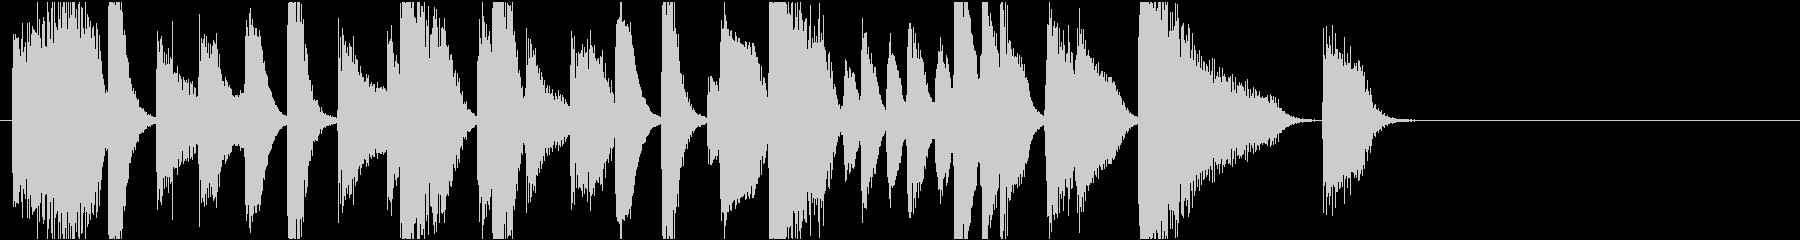 ジングル おしゃれでクールなジャズピアノの未再生の波形